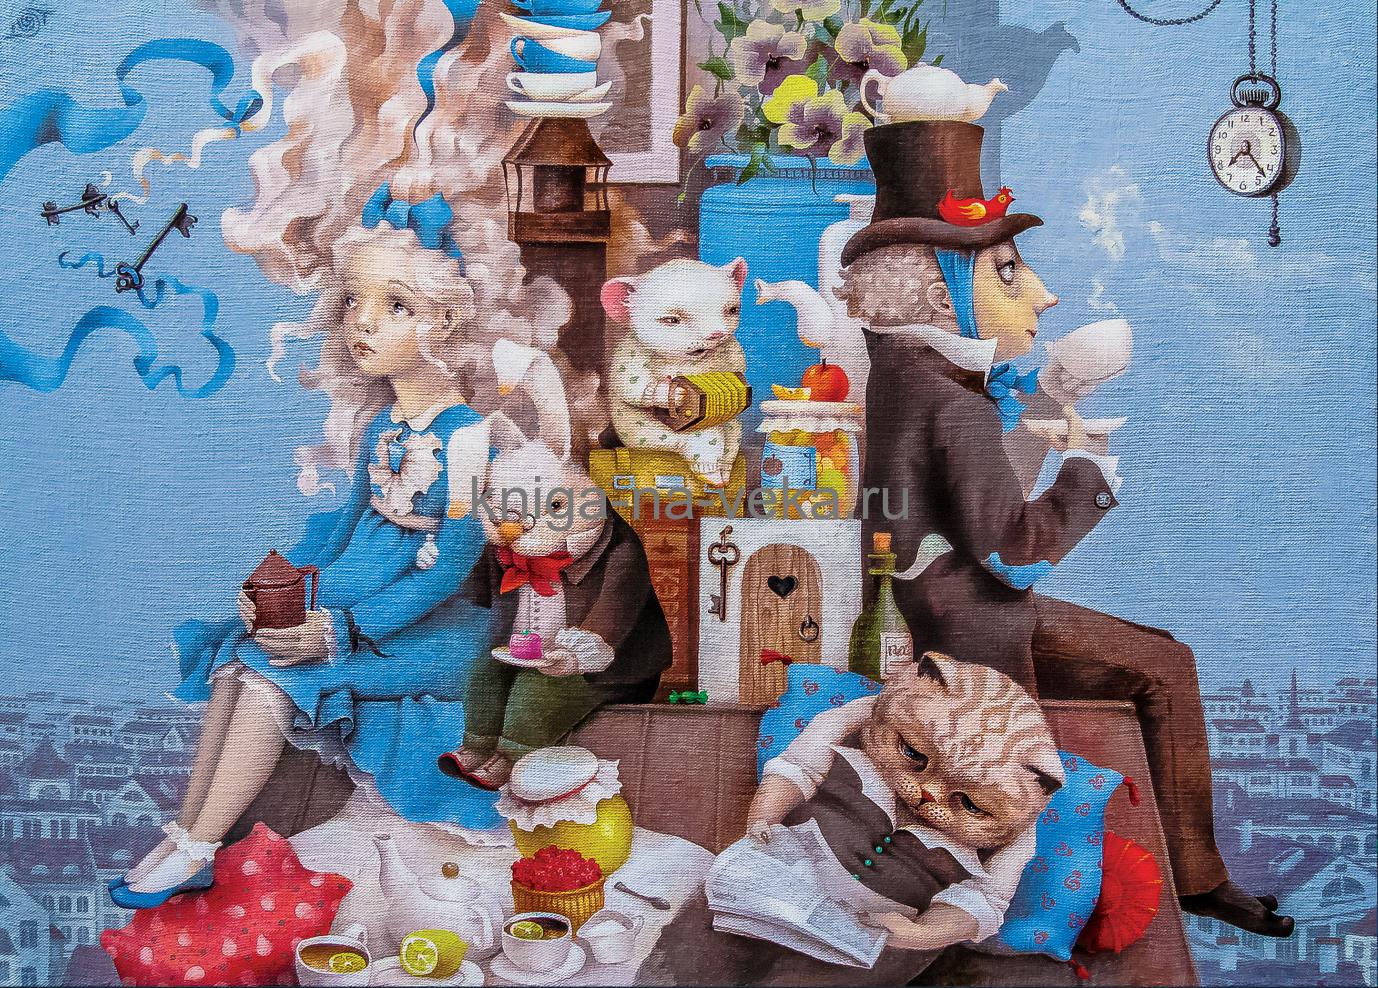 Деревянные пазлы DaVici. Третья коллекция. Безумное чаепитие.